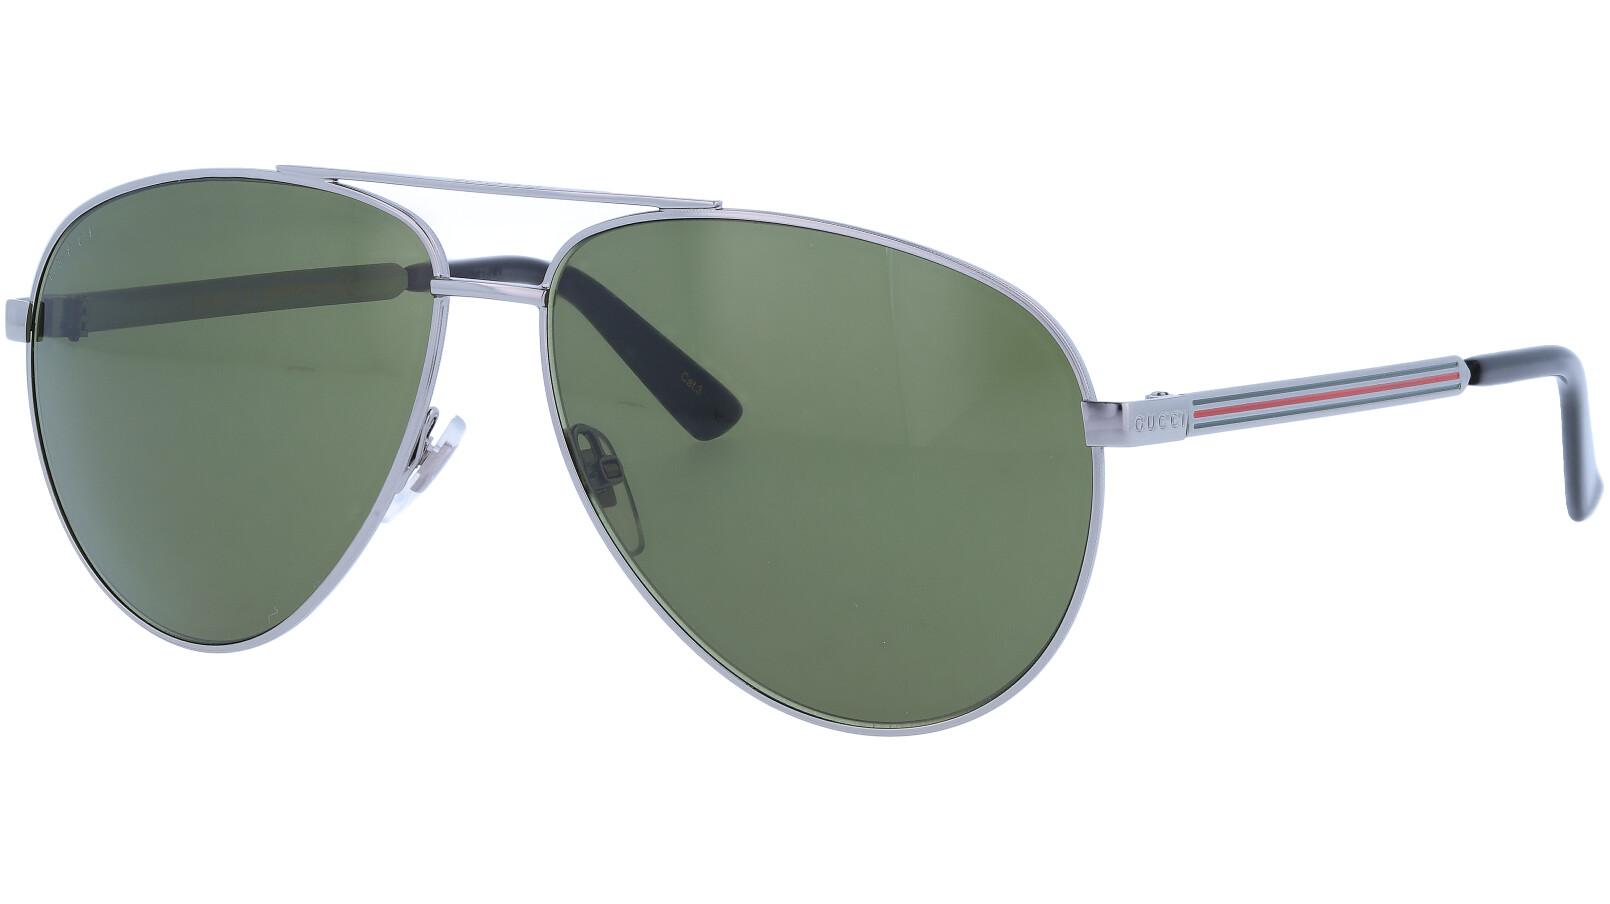 GUCCI GG0137S 002 61 GOLD Sunglasses